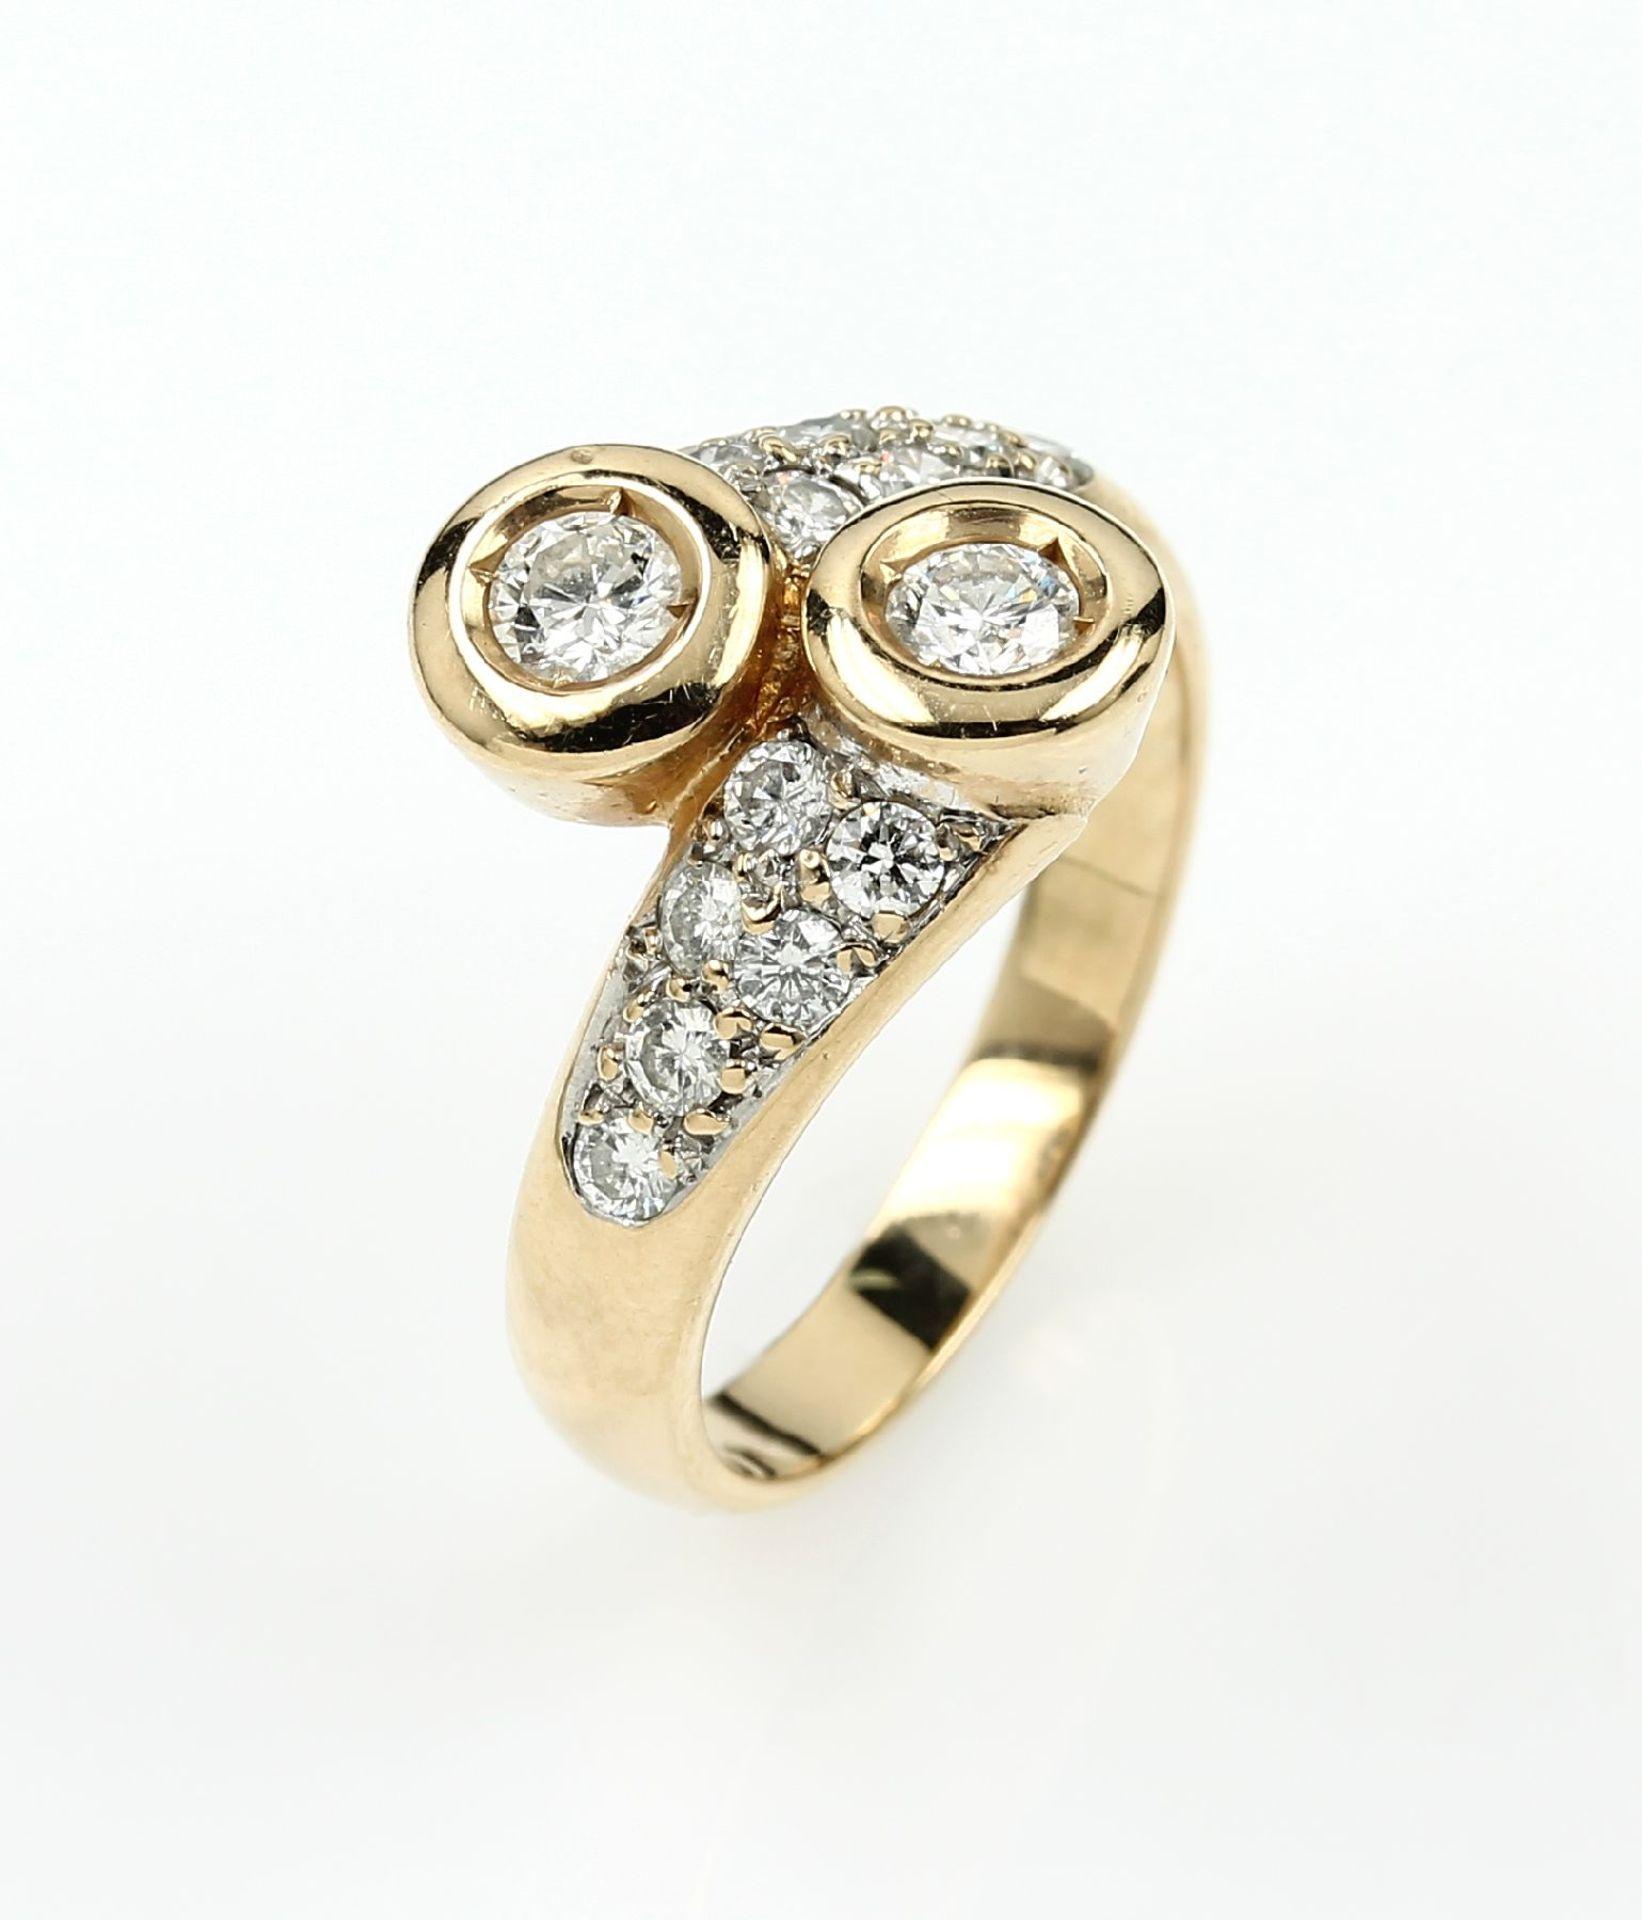 14 kt Gold Ring mit Brillanten, GG/WG 585/000, asymm. Ringschiene, 2 Brillanten zus.ca. 0.40 ct,